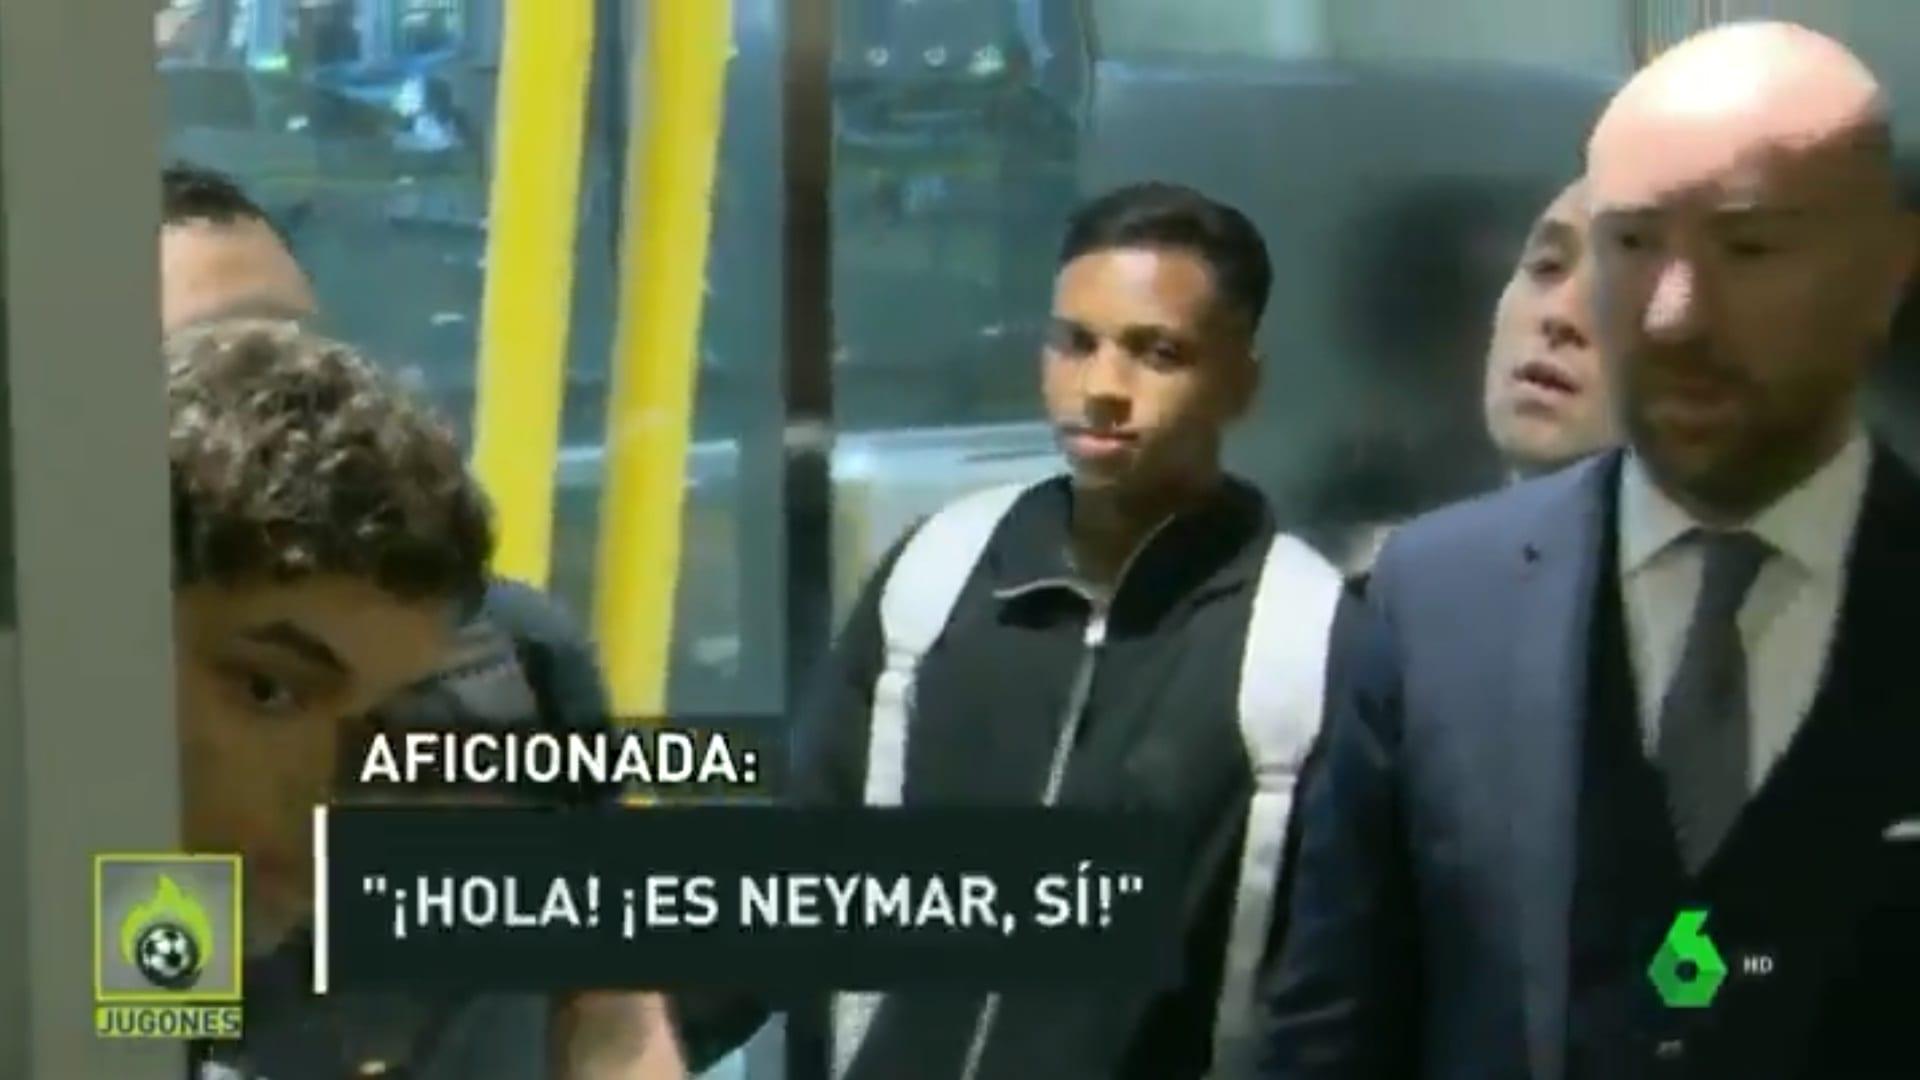 Em sua chegada na Espanha, Rodrygo acabou sendo confundido com Neymar por uma torcedora.